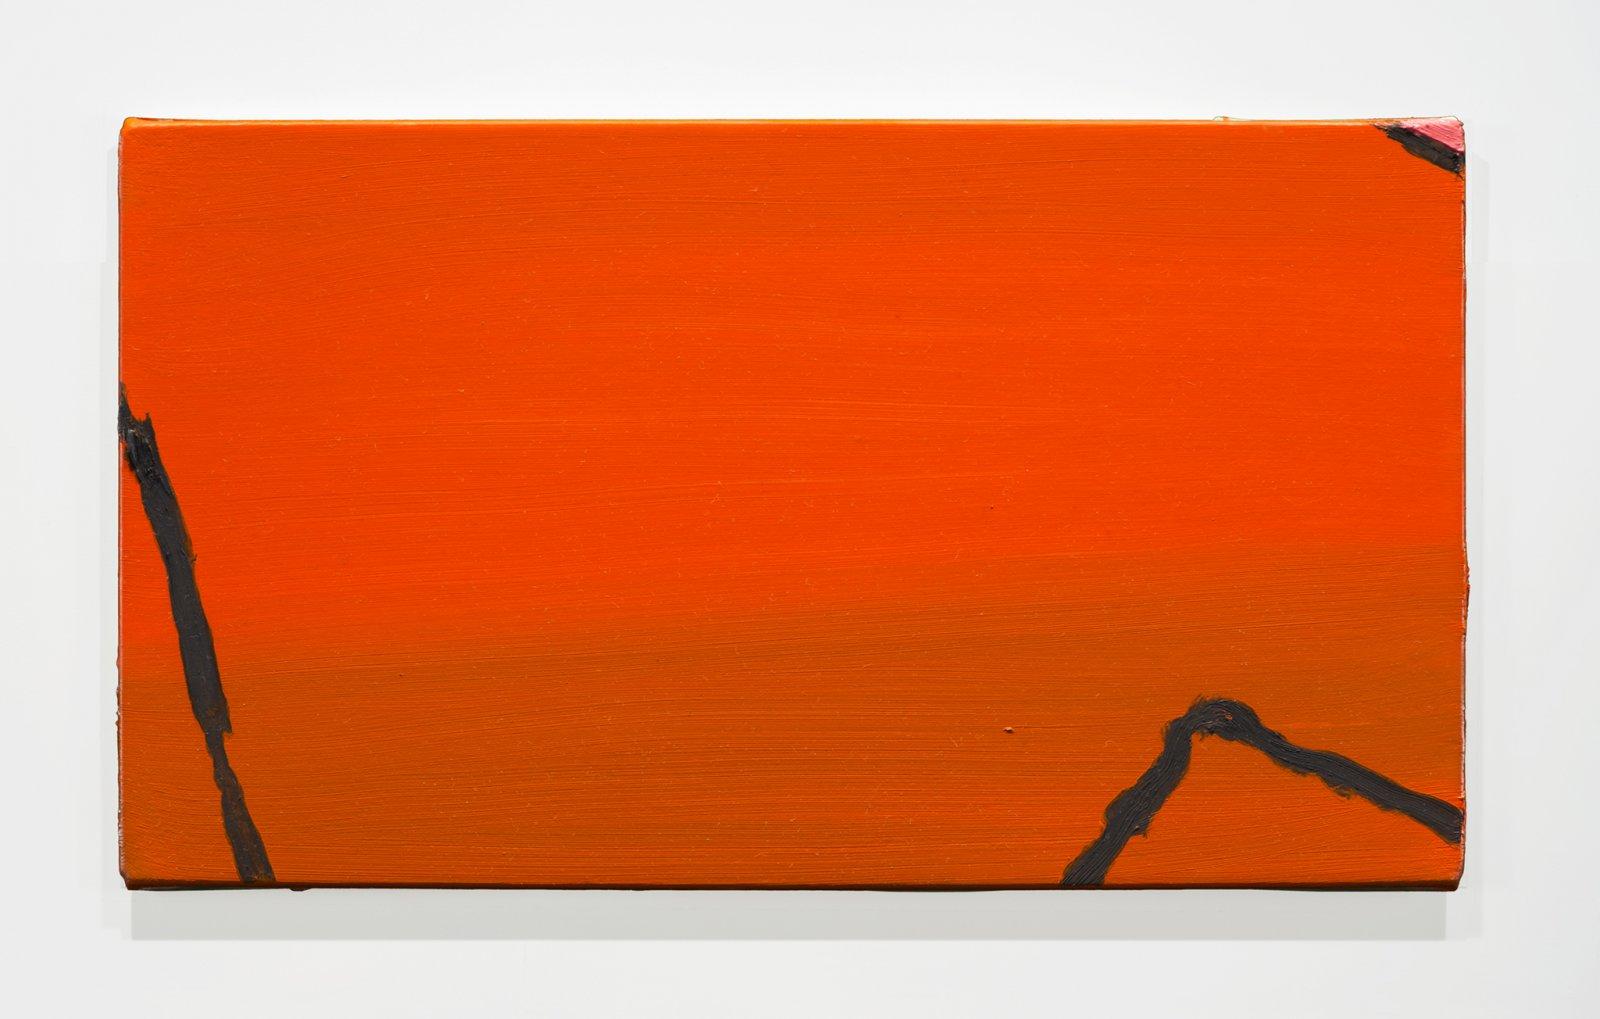 Elizabeth McIntosh, Orange, 2019, oil on canvas, 9 x 16 in. (23 x 41 cm) by Elizabeth McIntosh